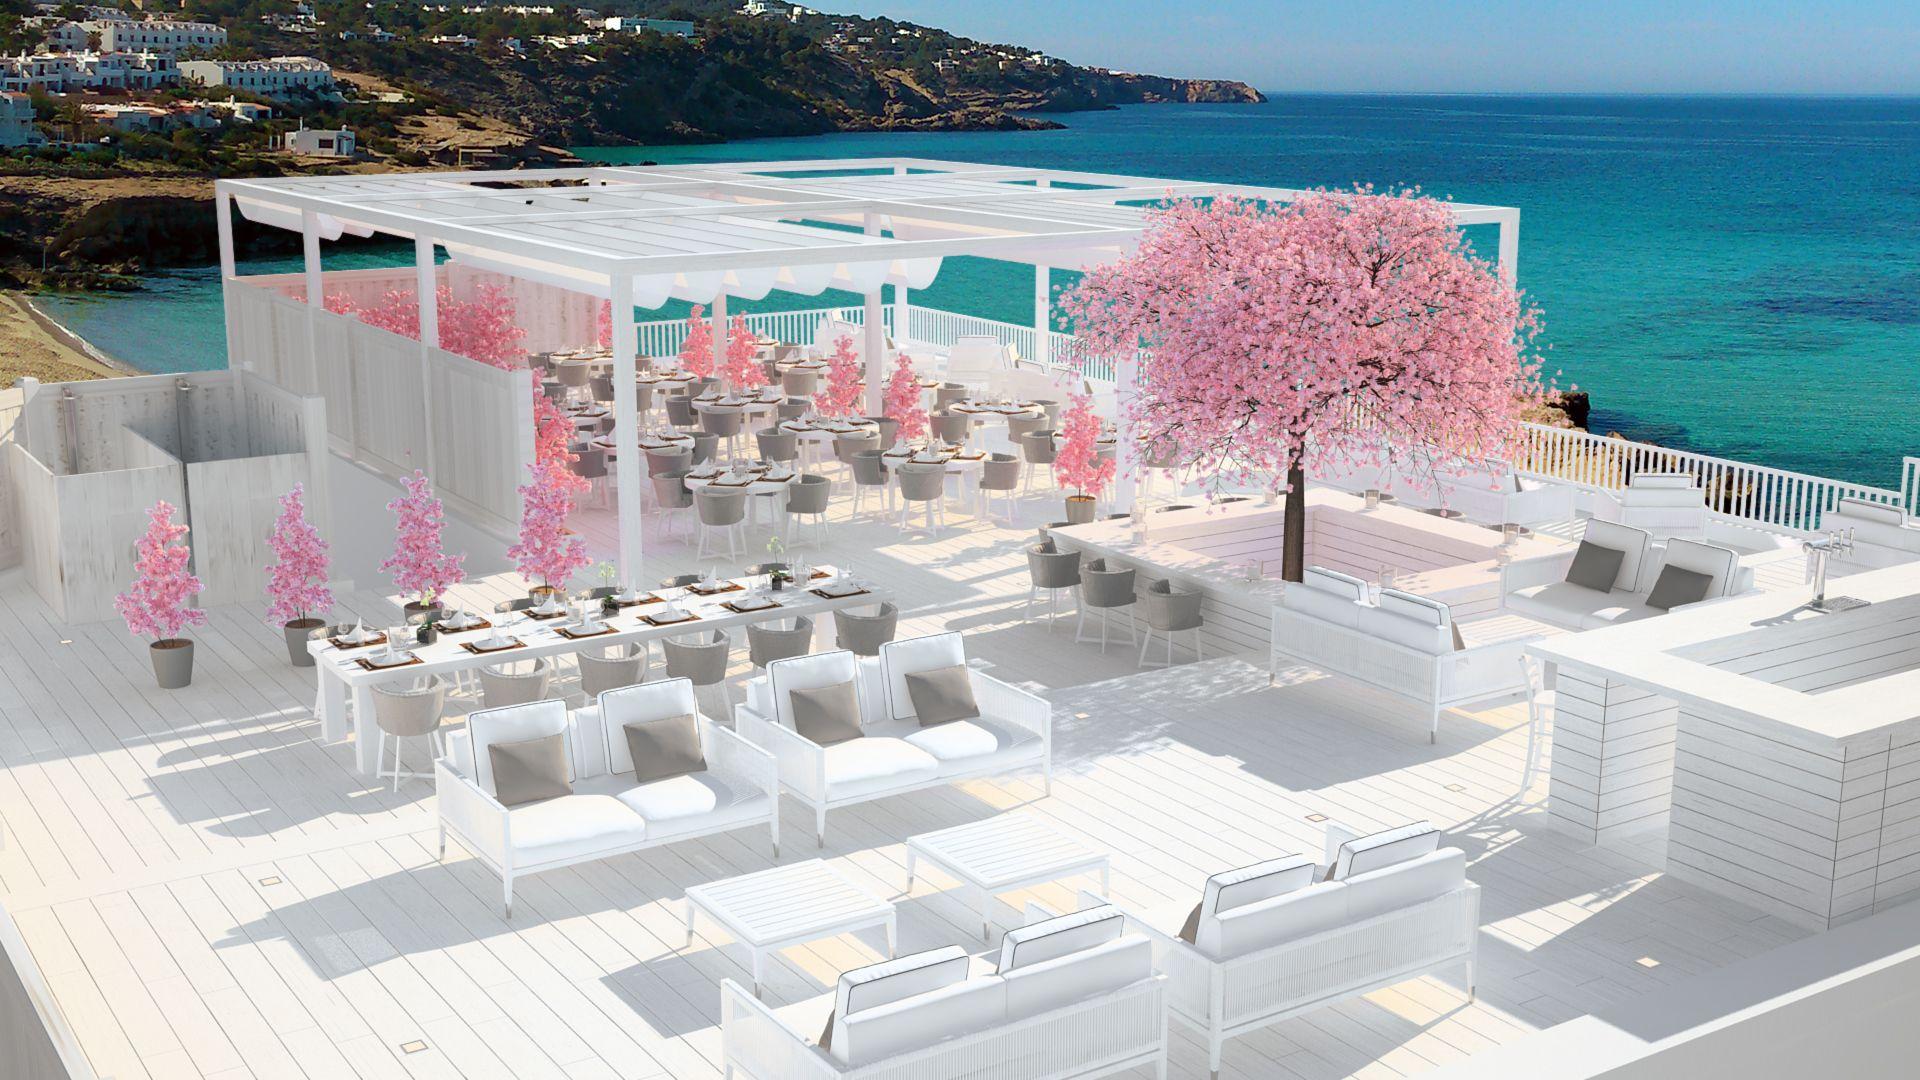 A Rooftop Establishment With Spectacular View Cotton Club ... serapportantà Restaurant Avec Jardin 78